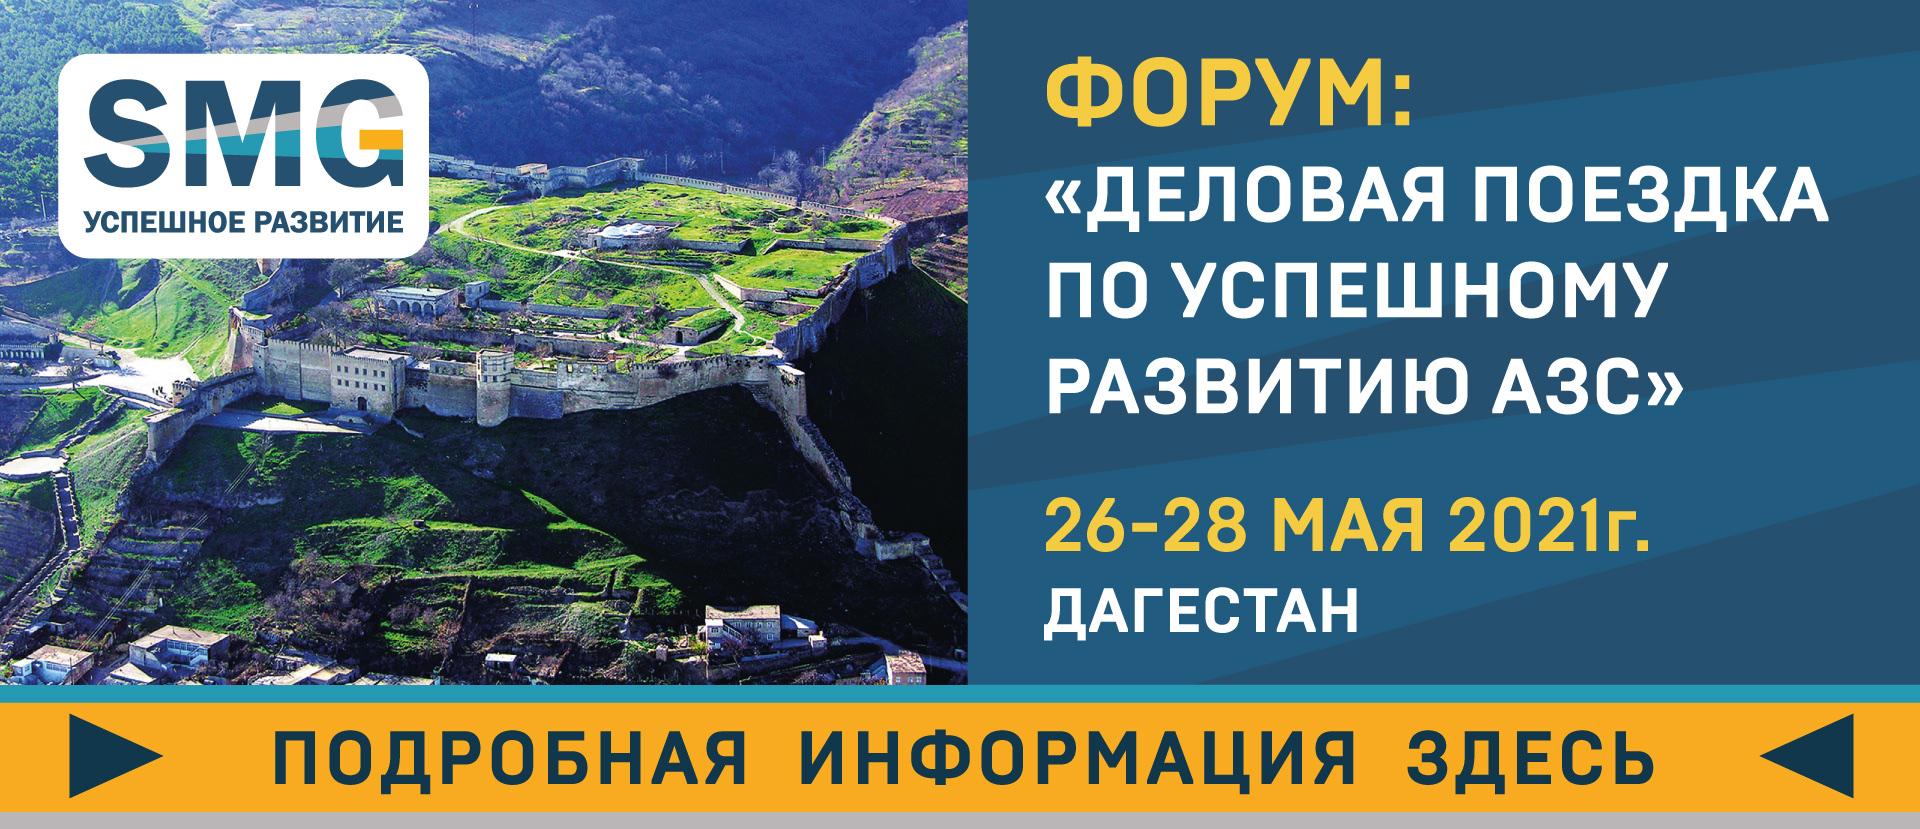 26-28 мая. Дагестан. Деловая поездка.